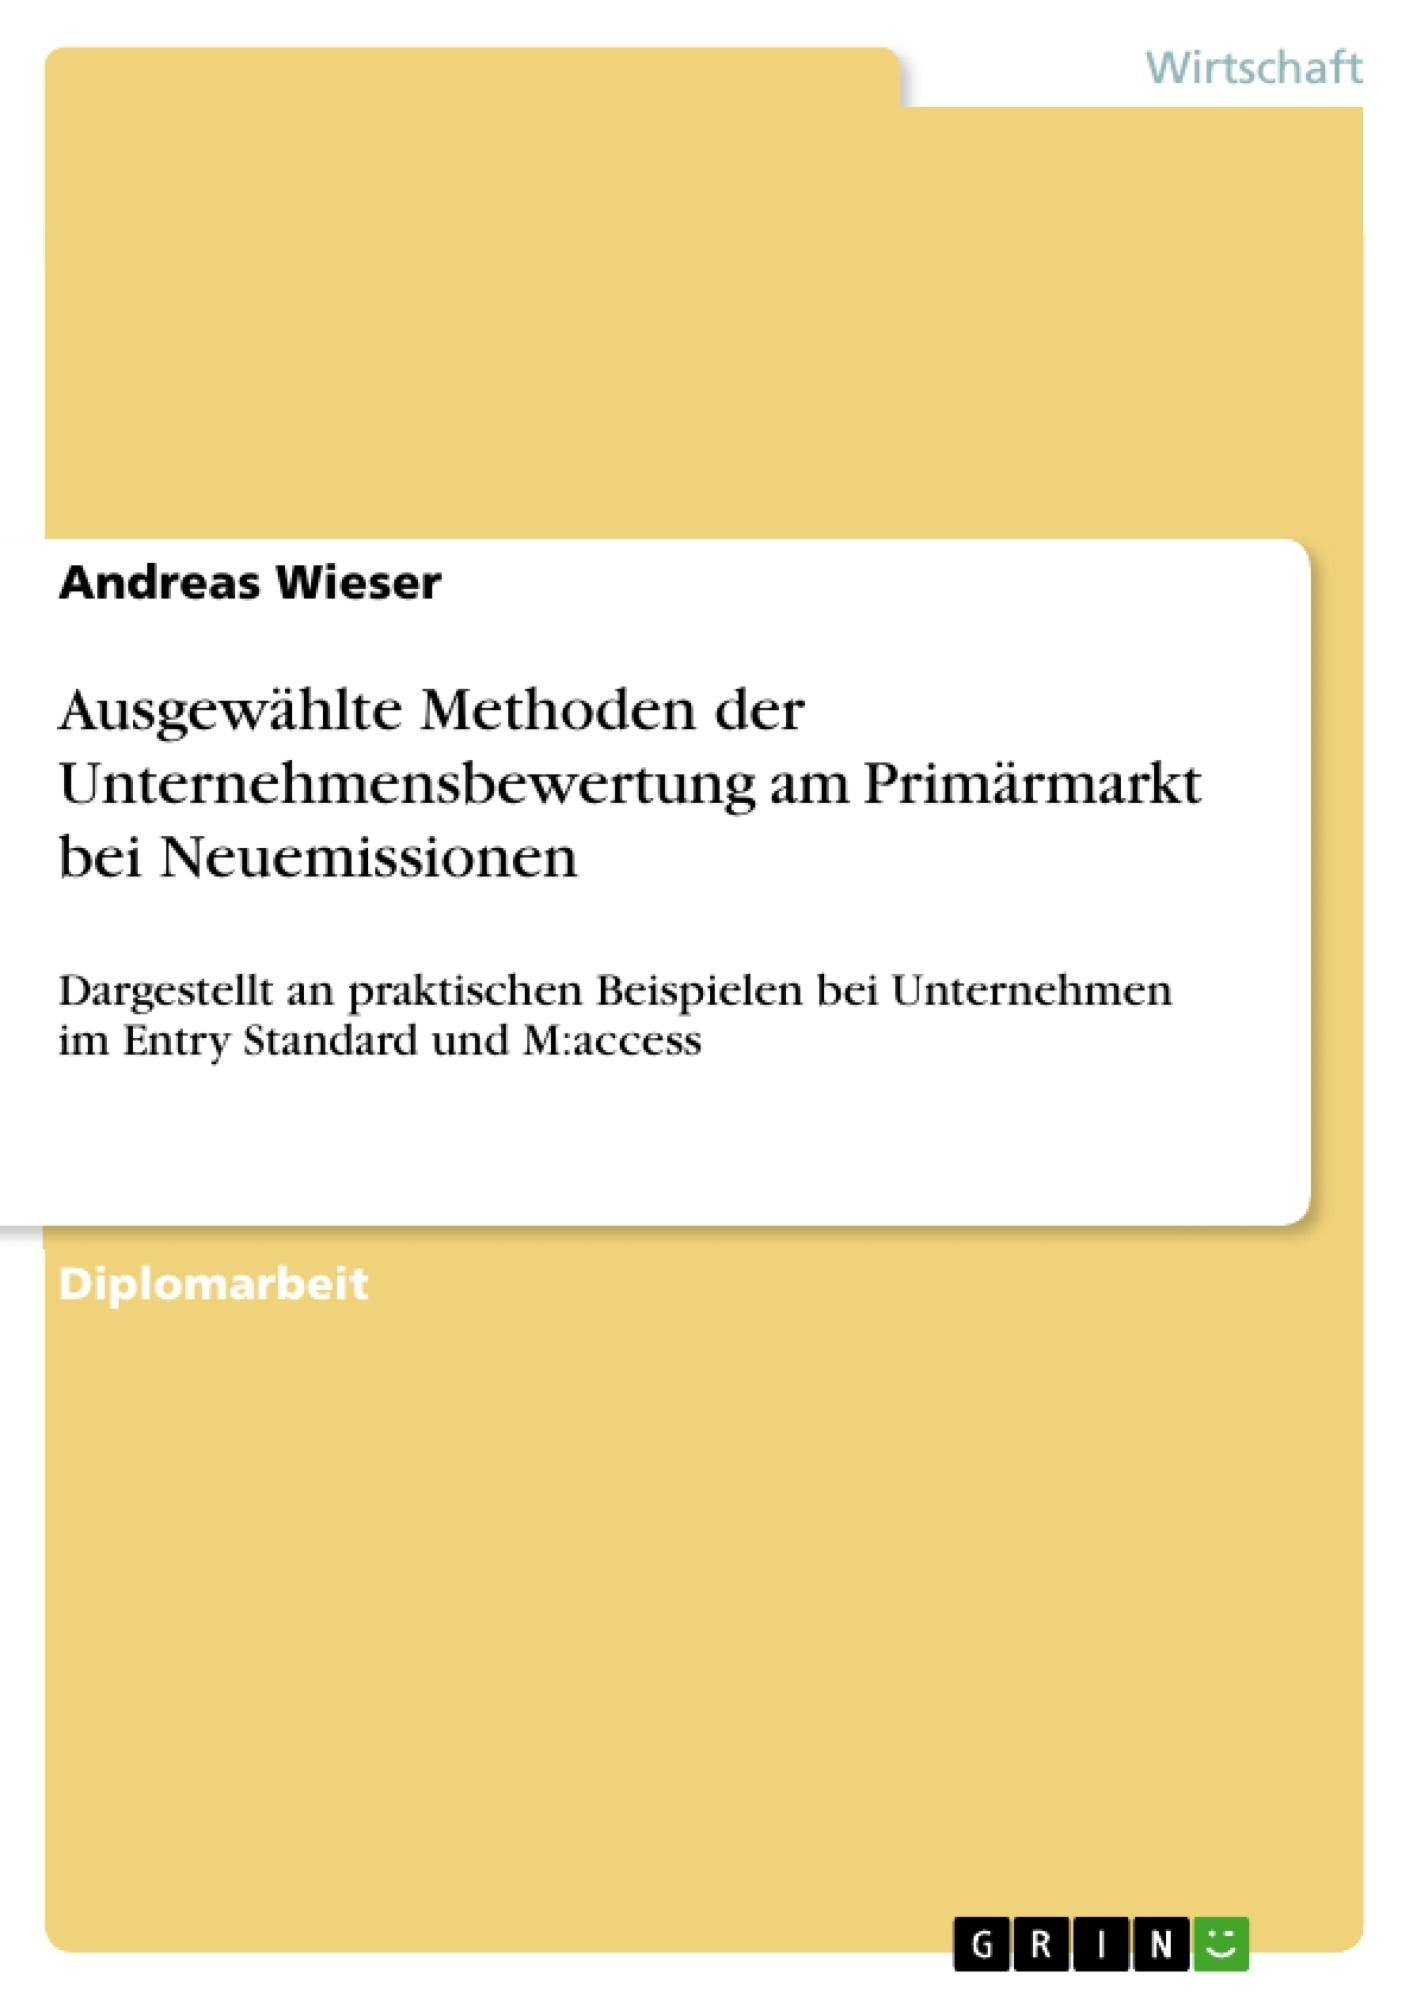 Titel: Ausgewählte Methoden der Unternehmensbewertung am Primärmarkt bei Neuemissionen